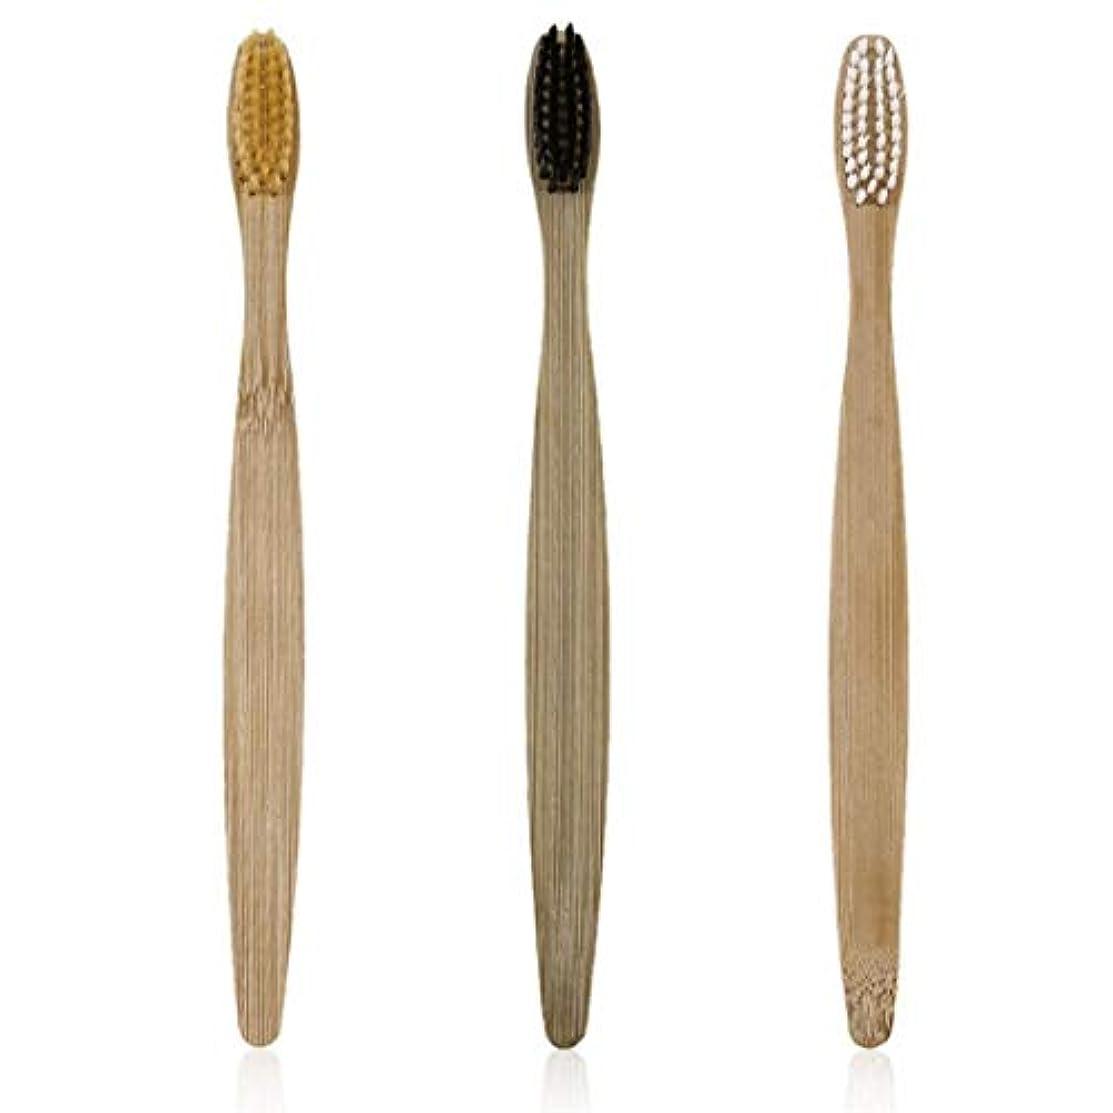 説明生息地筋環境に優しい木製歯ブラシ竹歯ブラシ柔らかい竹繊維 (3 pcs)